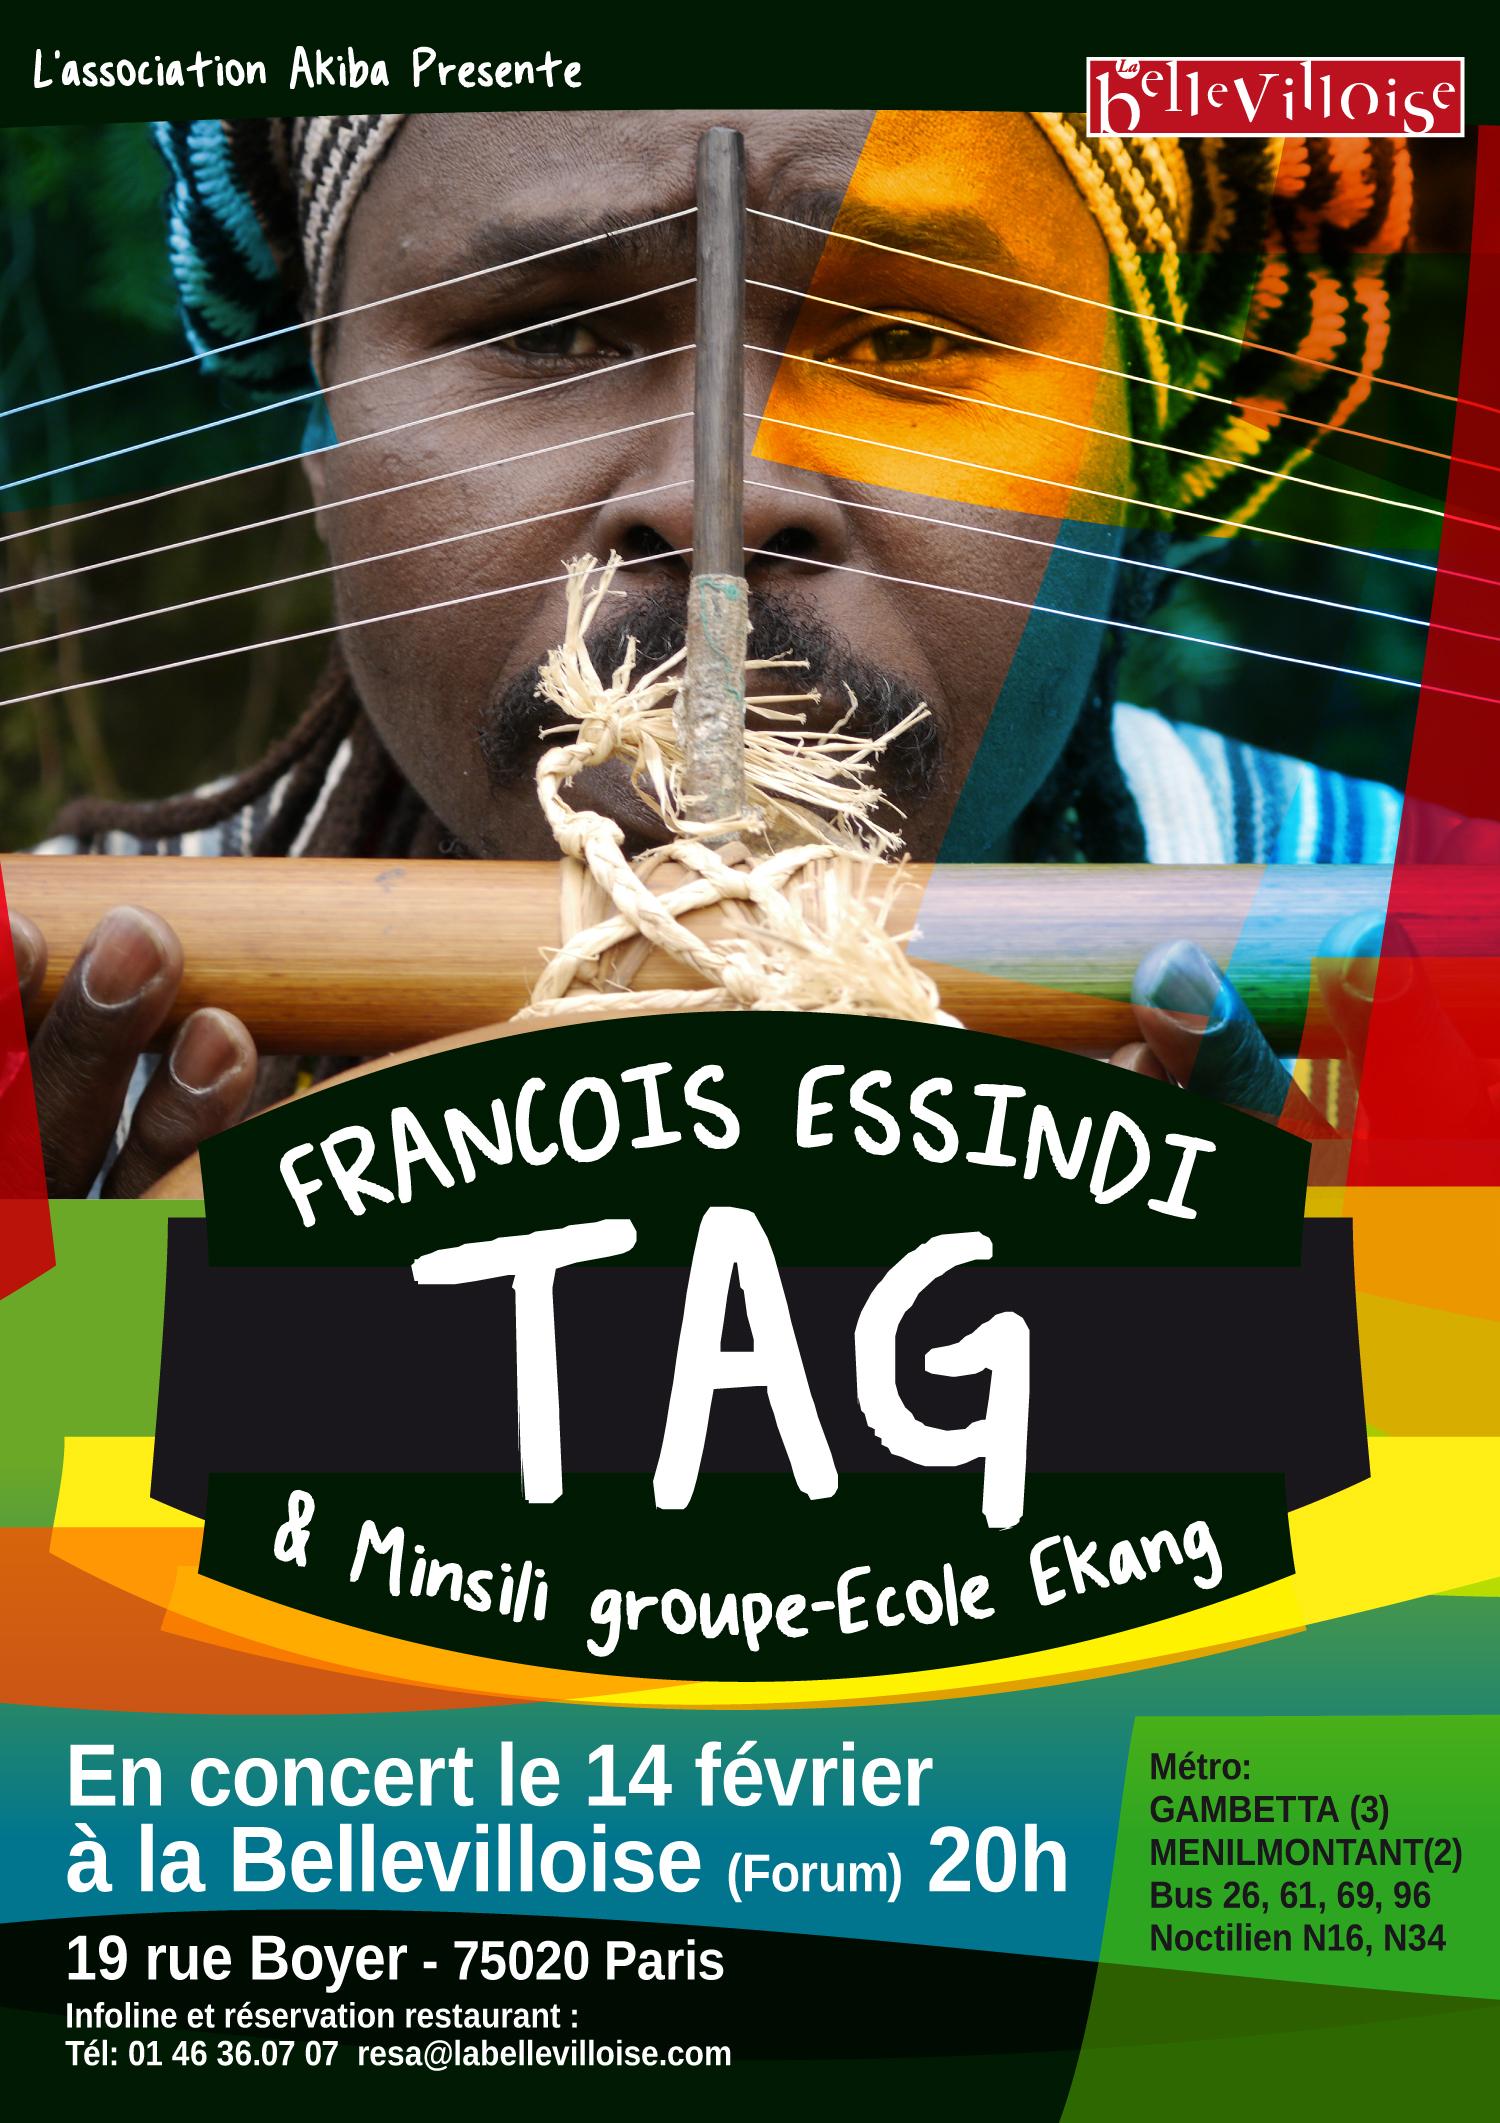 affiche-FrancoisEssindi-14fevrier2015